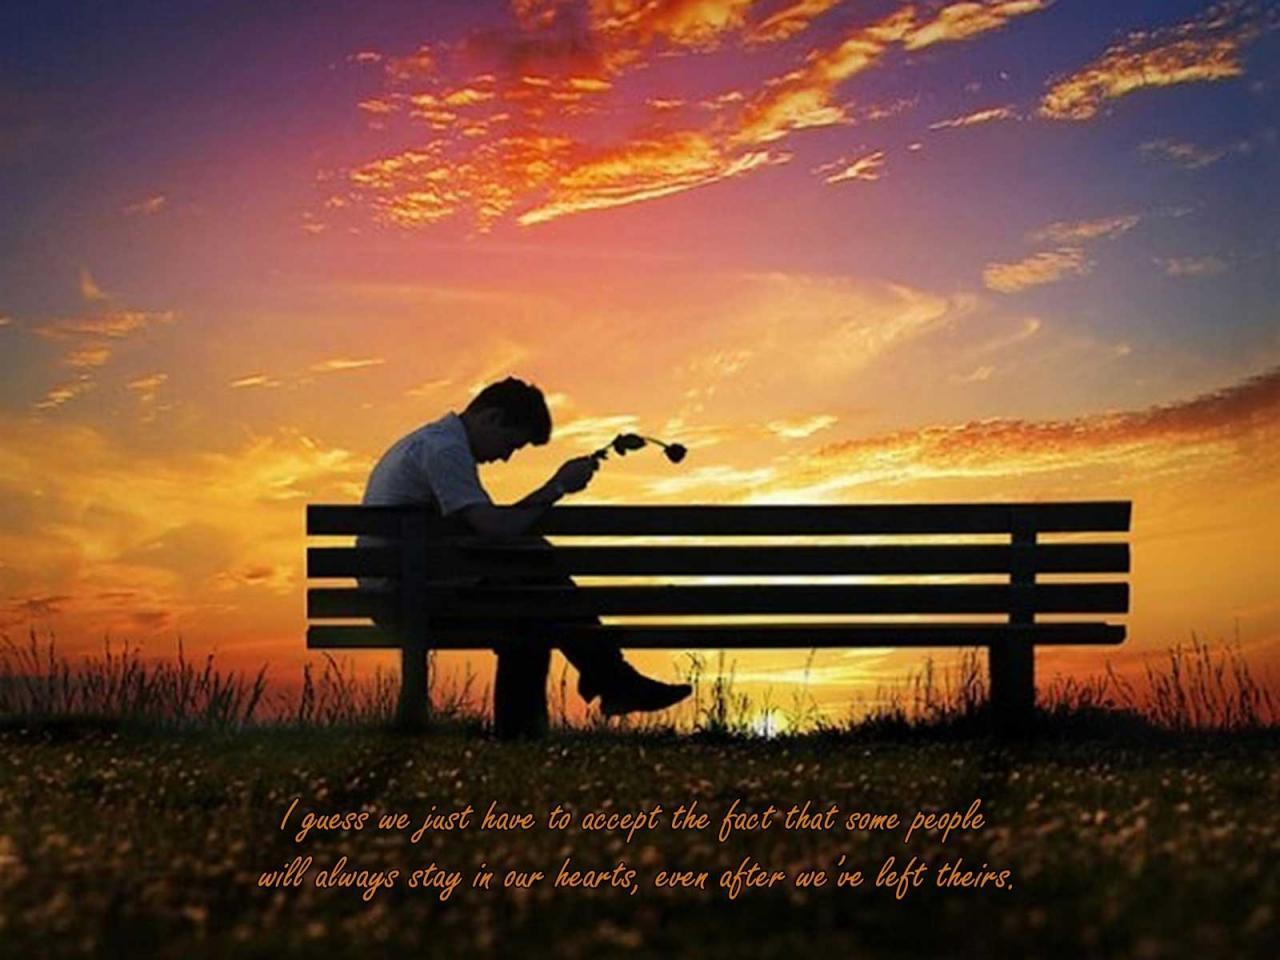 بالصور اجمل الصور الرومانسية الحزينة , العبير عن الرومانسية بصور حزينة 12346 6